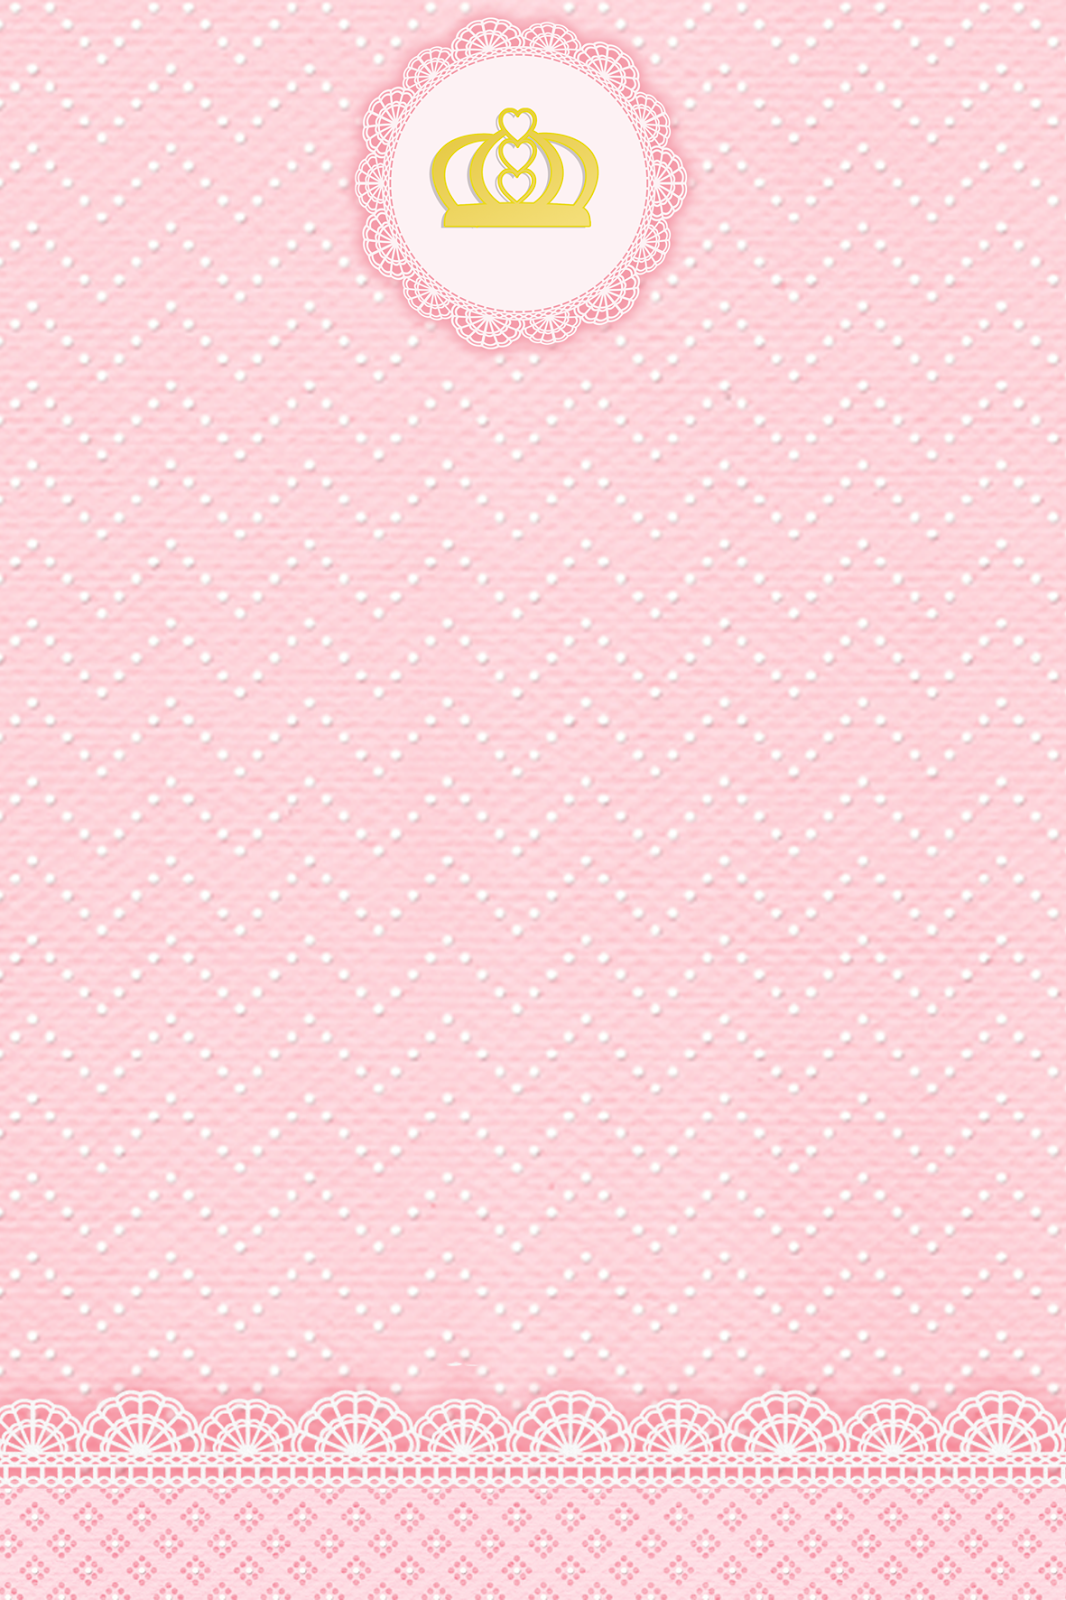 db62b7f20 Montando minha festa: Kit digital gratuito para imprimir Princess - Coroa  de Princesa Rosa! Mais